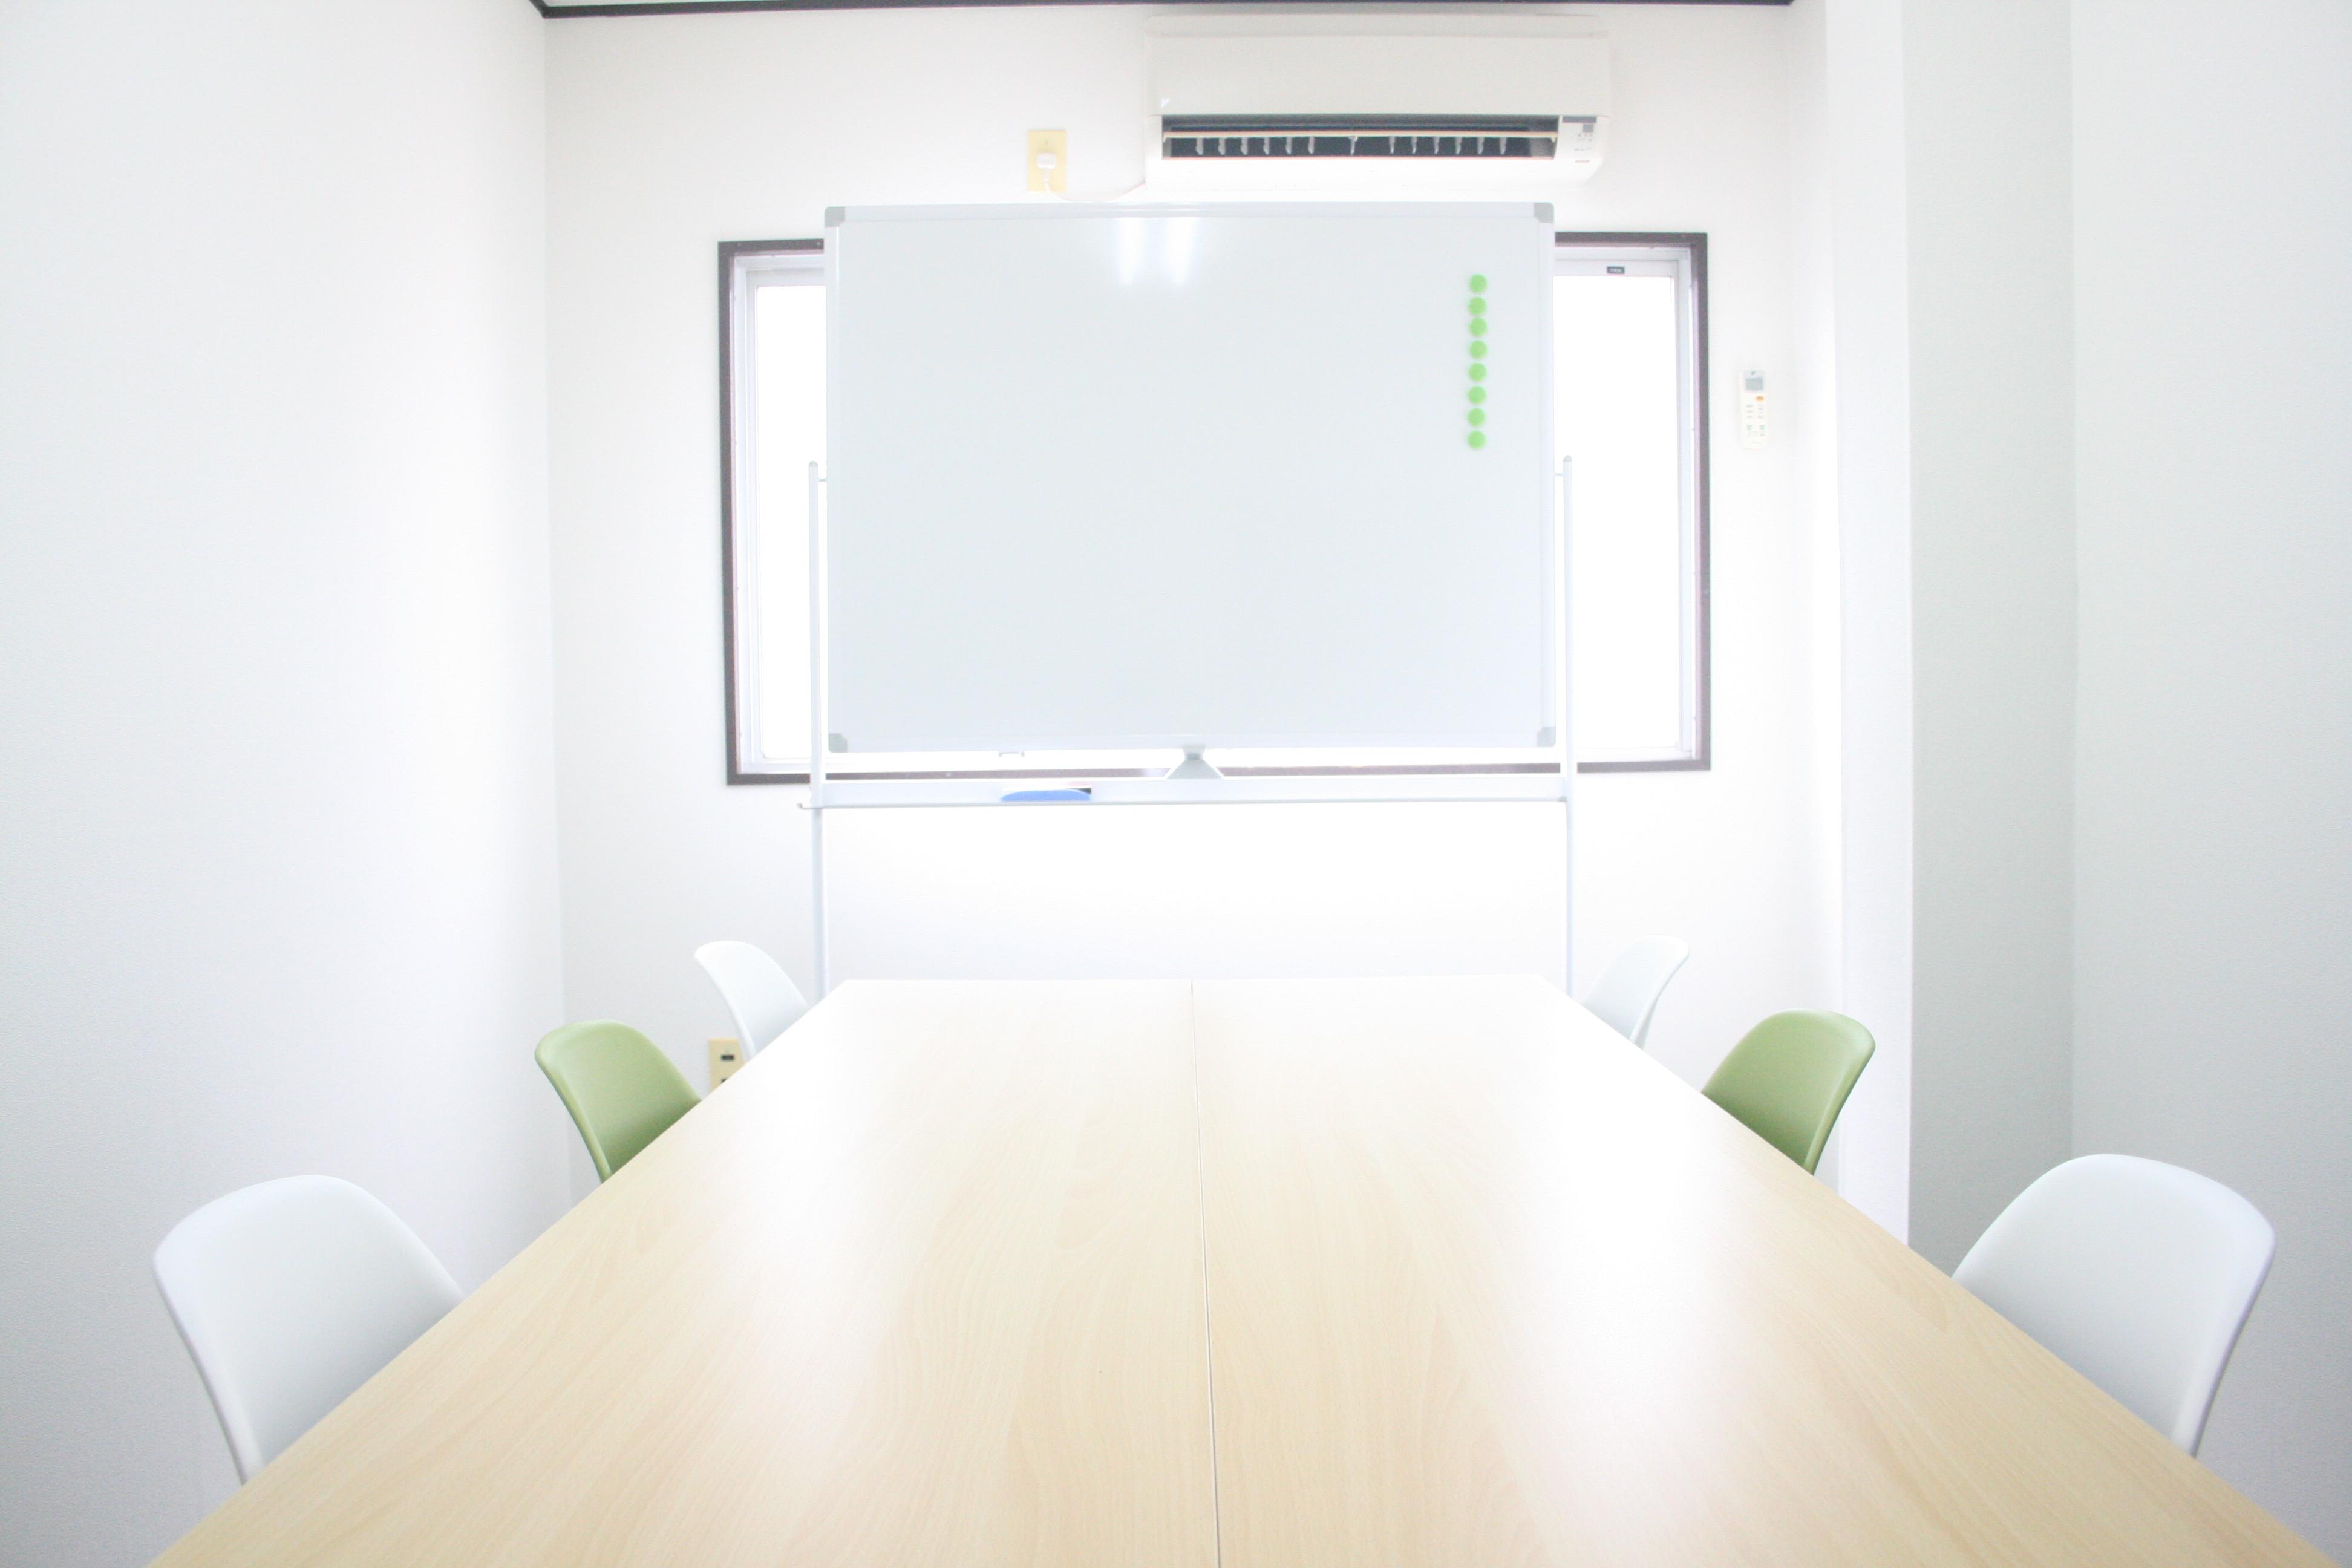 お気軽会議室 心斎橋 ◆お気軽会議室心斎橋◆の室内の写真